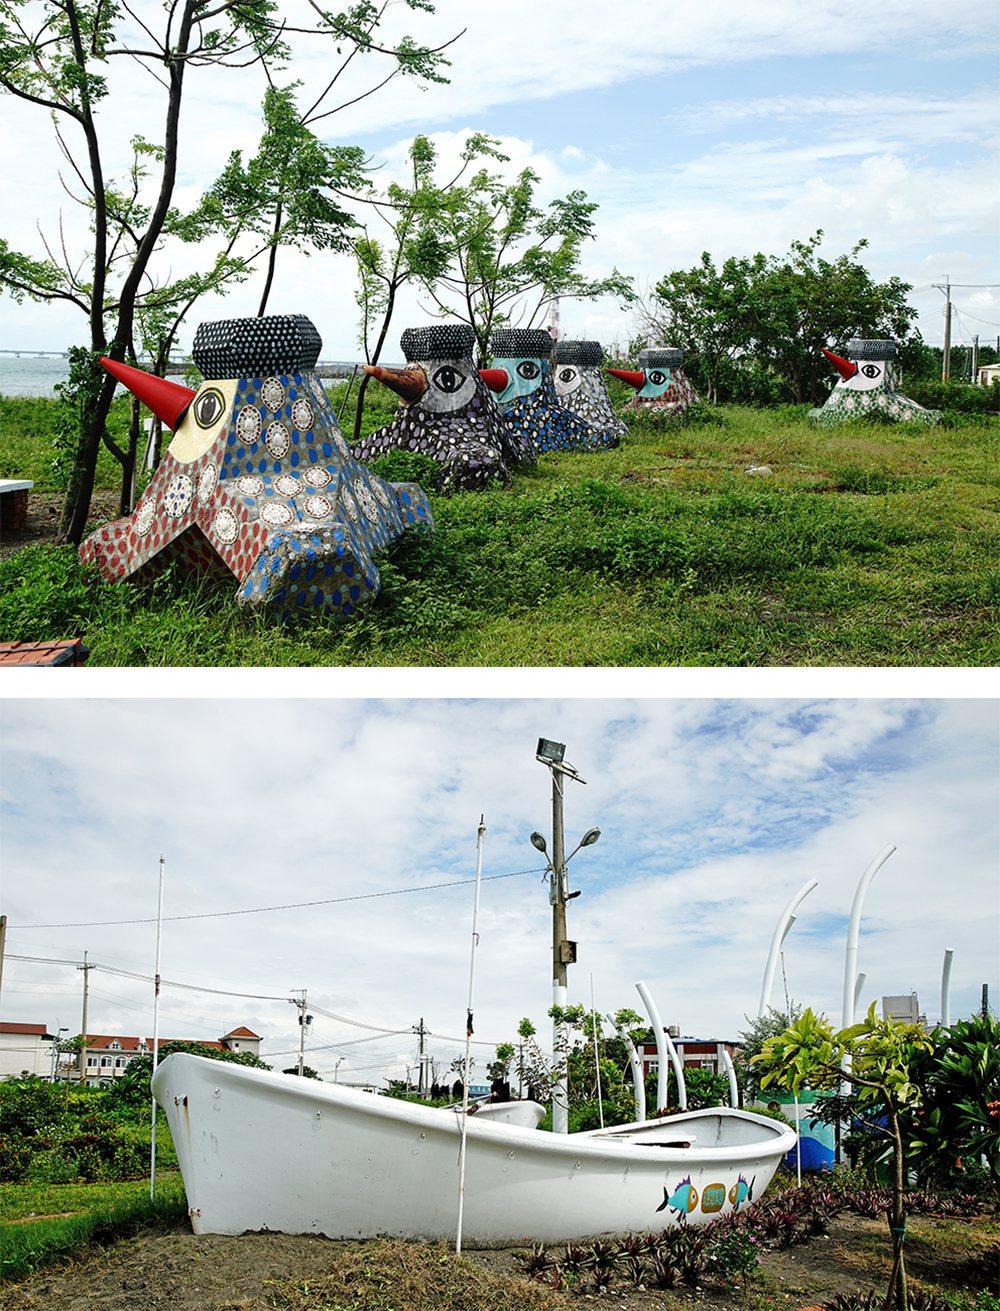 (上)消波块彩绘出可爱的水鸟艺术装置。(下)利用渔船彩绘的艺术装置。 (摄影/曾...